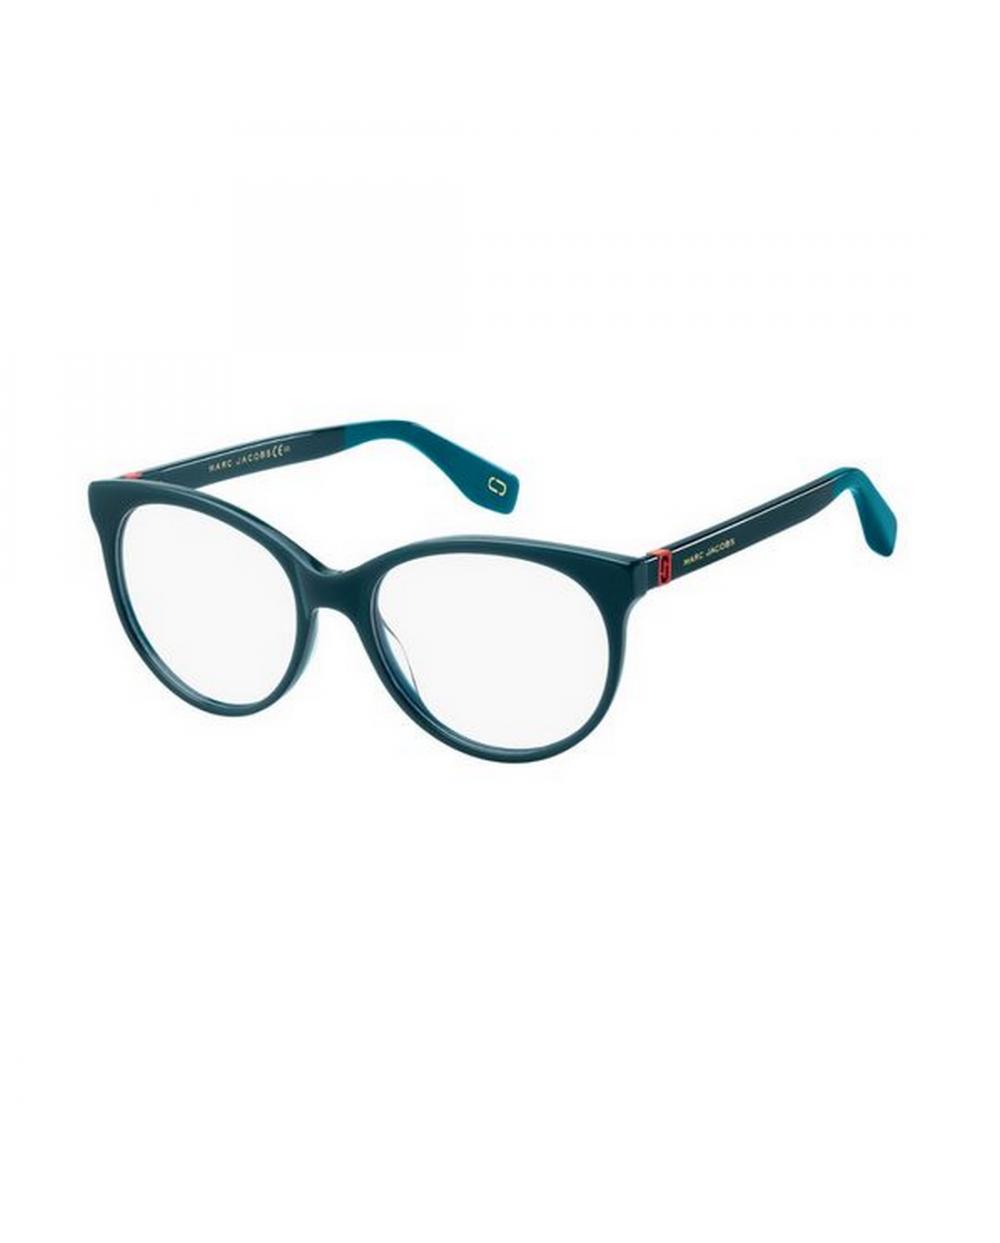 Brille von vista Marc Jacobs MARC 350 originalverpackung garantie italien